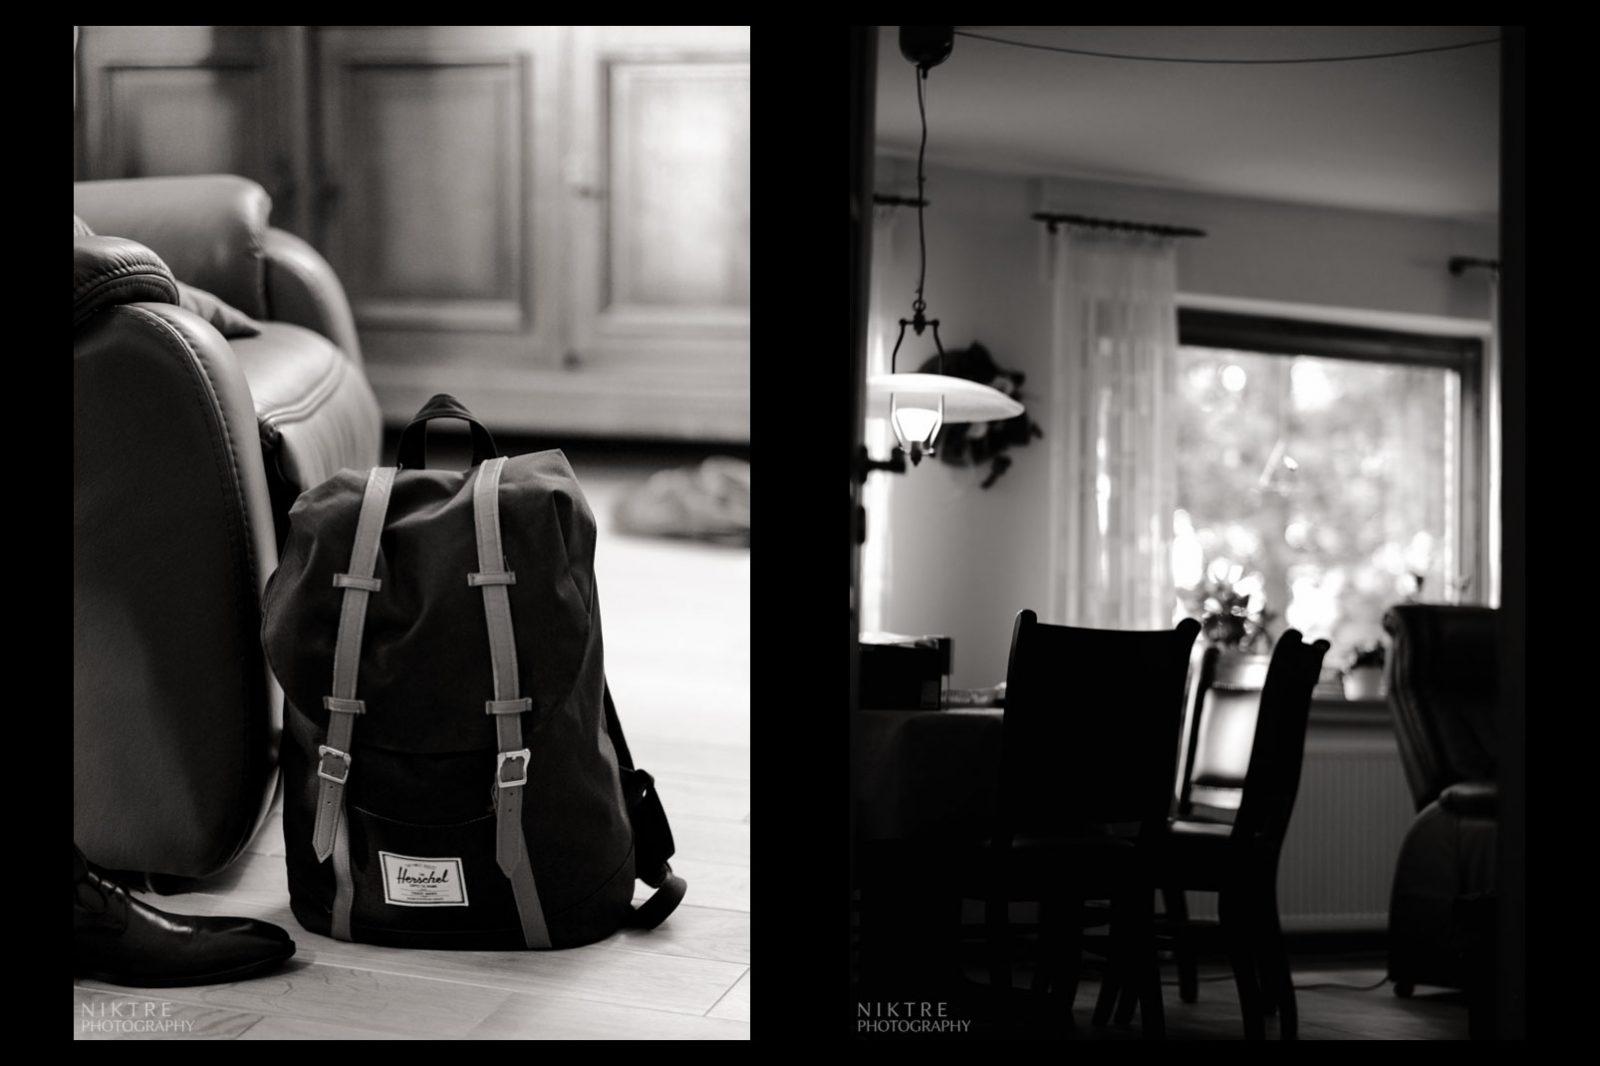 Junger Mann hat seine Sachen in den Rucksack gepackt und lässt sein Zimmer zurück